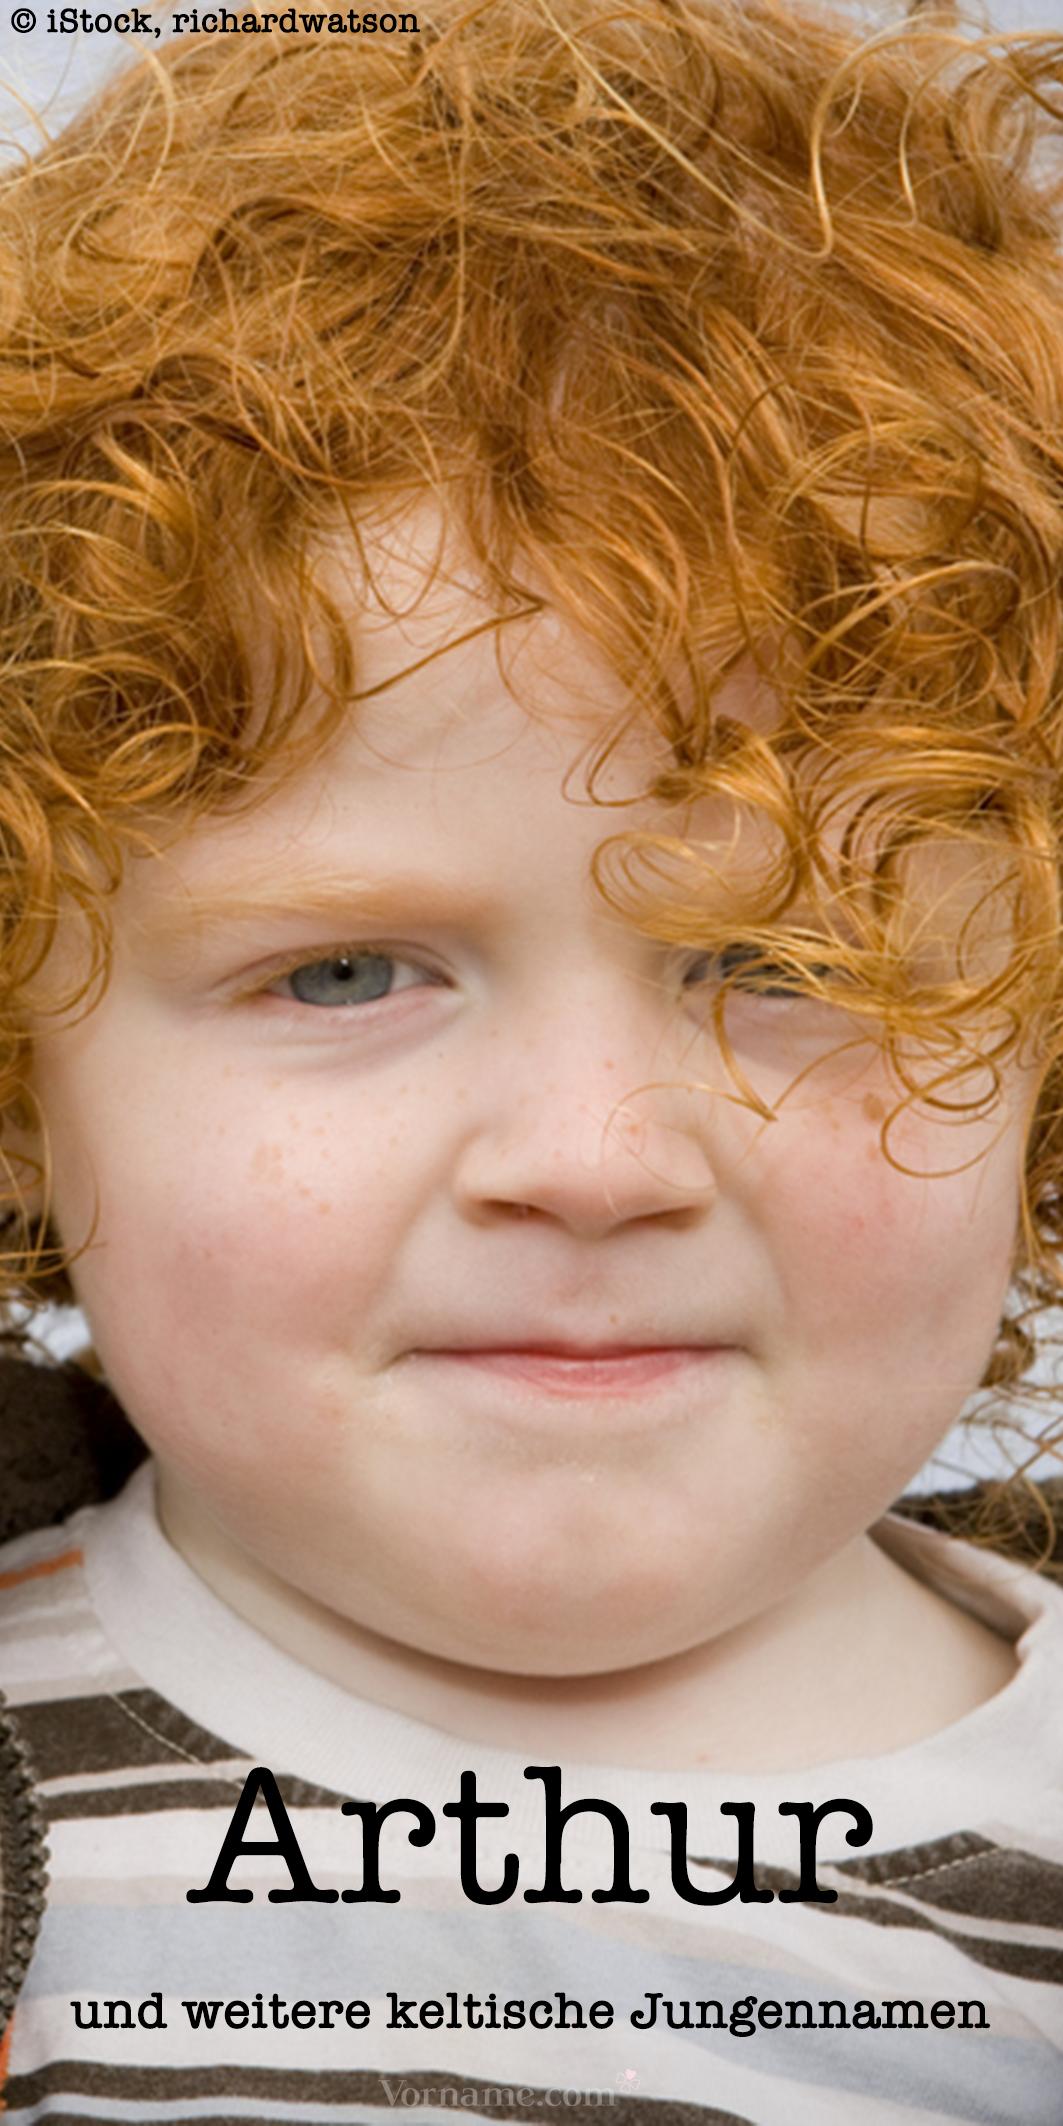 Magisch Wild Ausgefallen Die Schonsten Keltische Vornamen Fur Madchen Und Jungen Mit Bildern Keltische Jungennamen Vornamen Einzigartige Babynamen